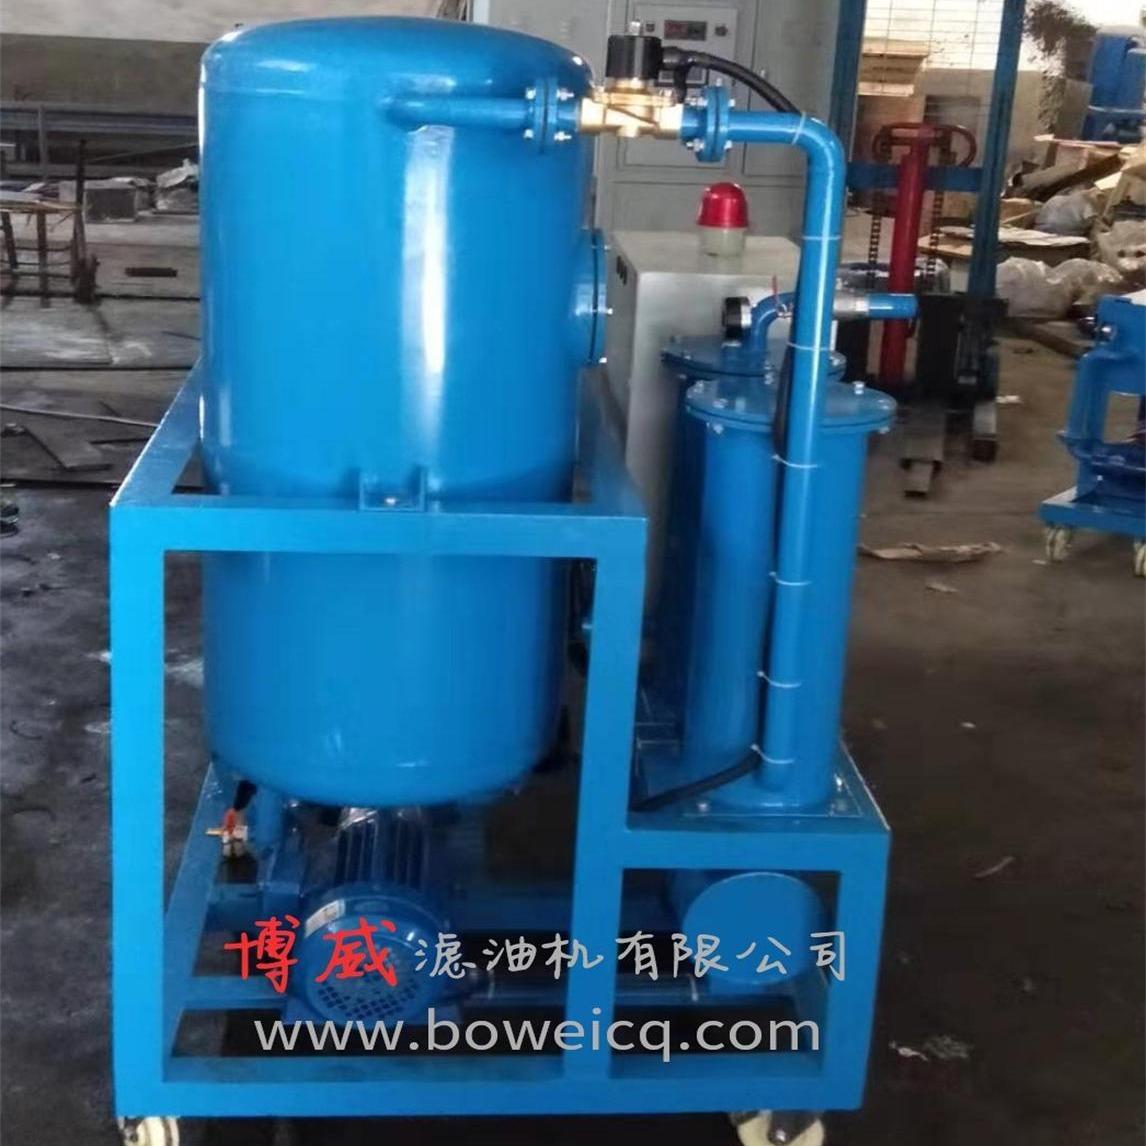 批发重庆博威供应重庆博威JYC小型滤油机  滤油机 滤油机厂家